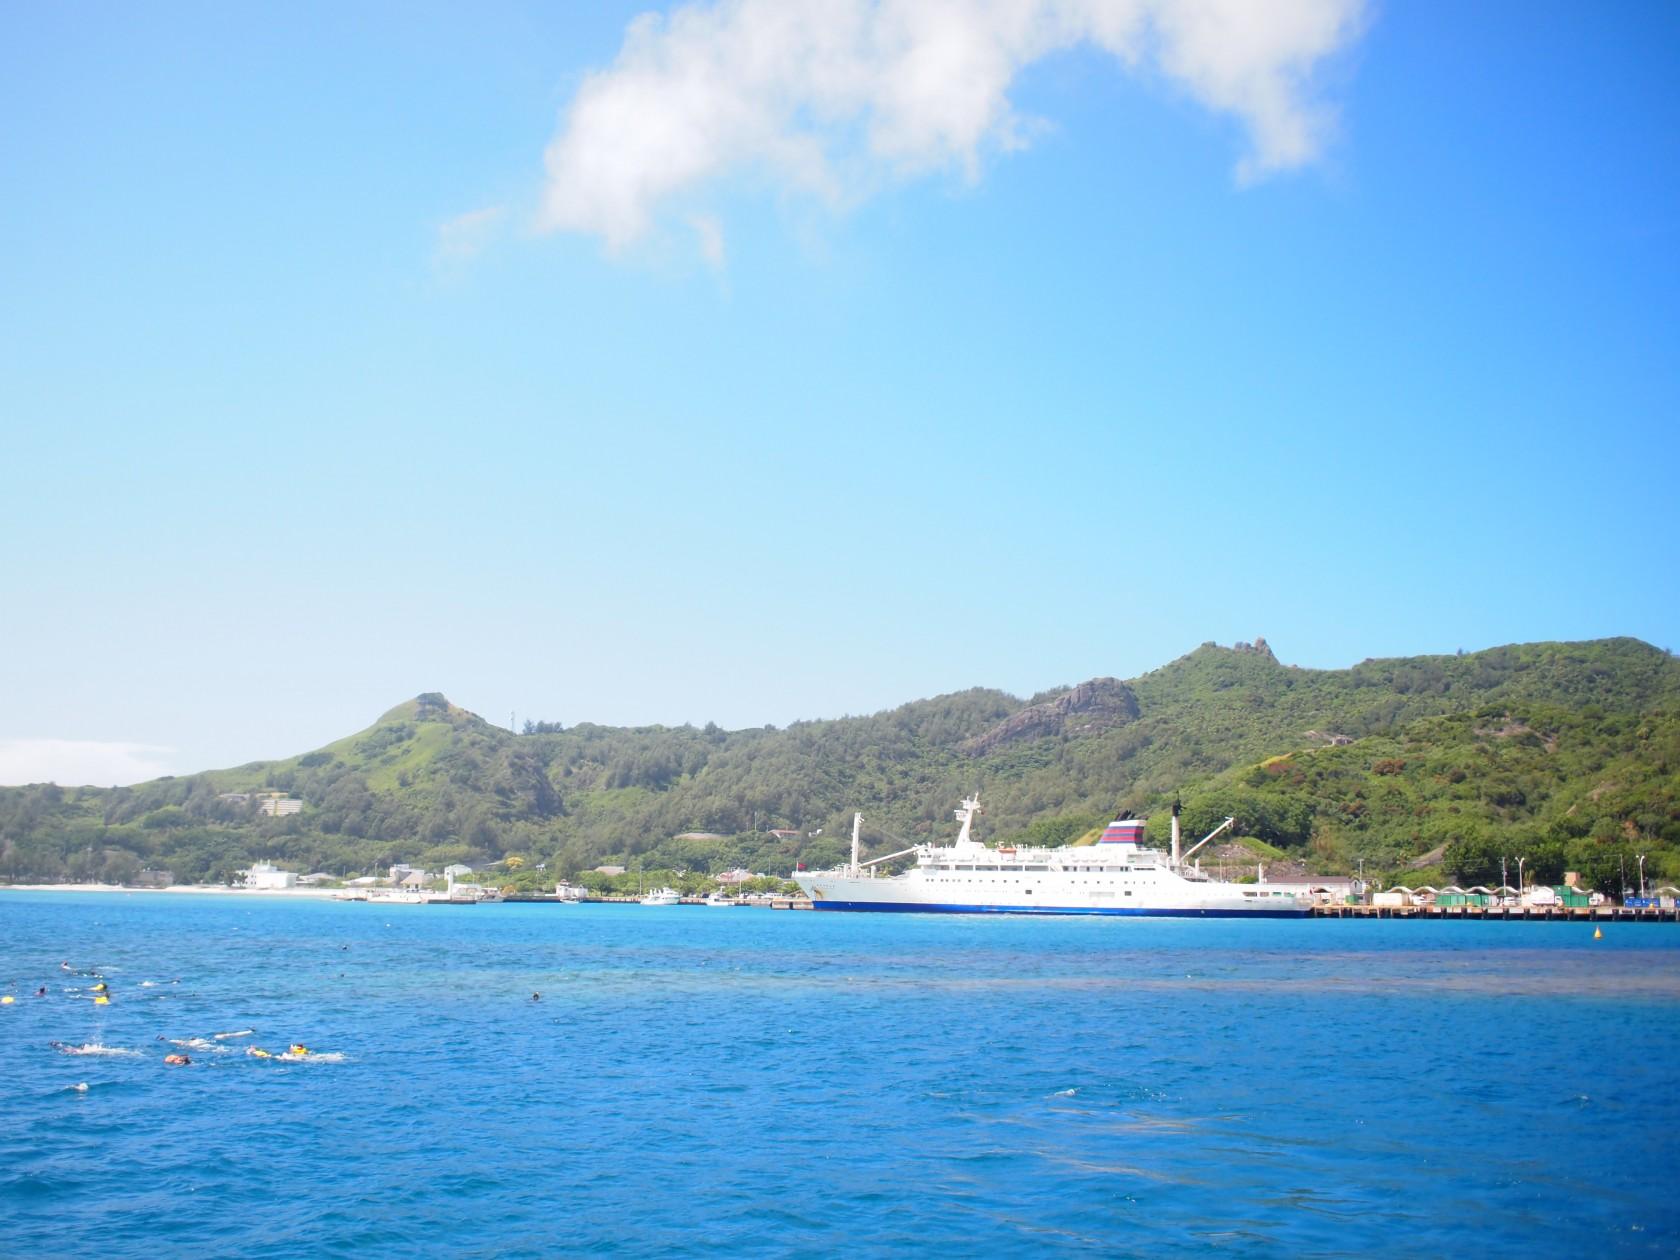 ひとり旅好き女子が目にした、小笠原諸島 父島という島のこと